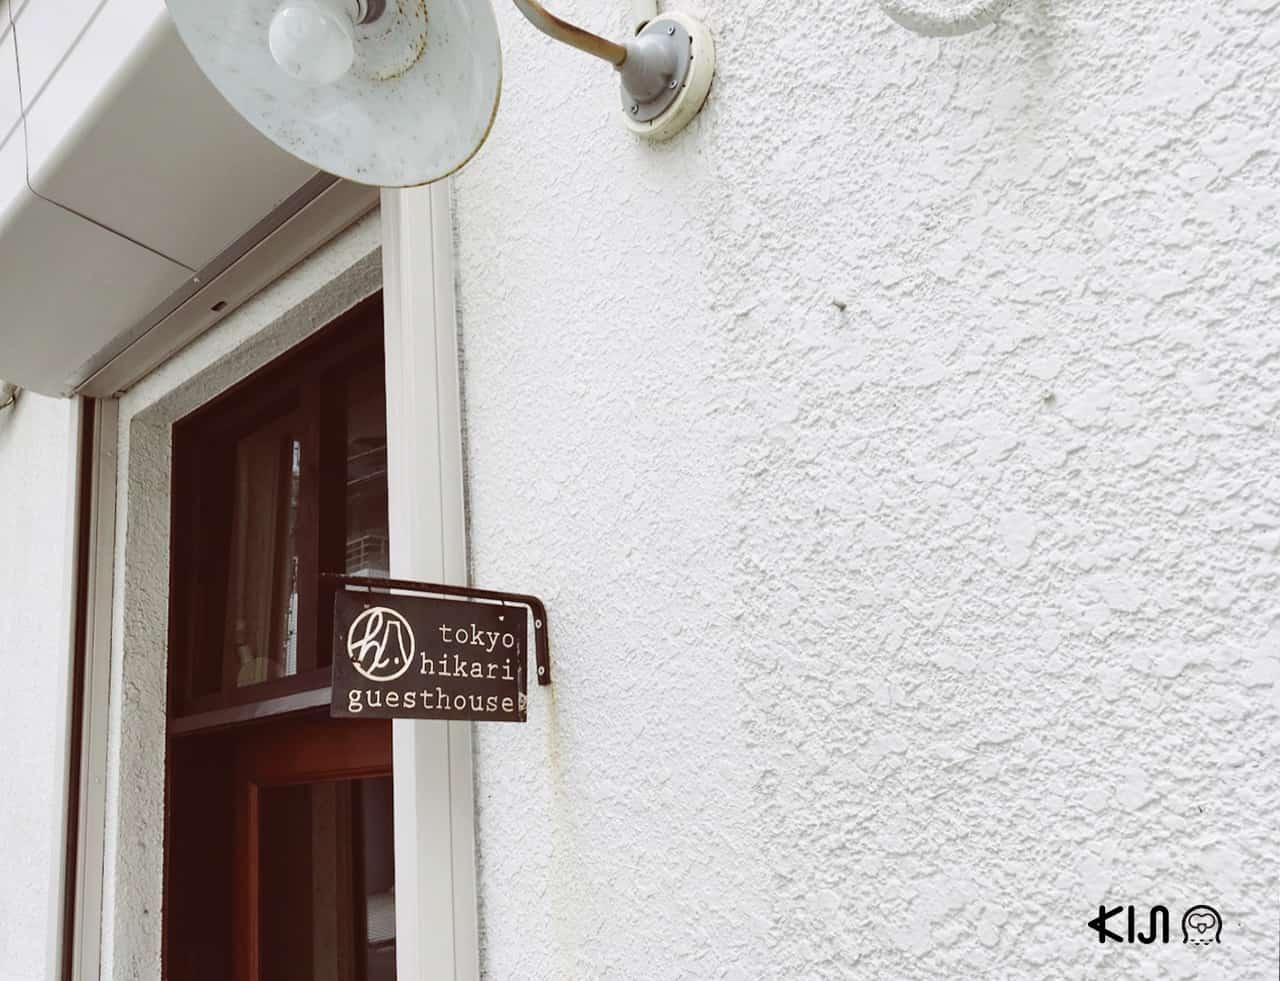 ข้างหน้า Tokyo Hikari Guesthouse ย่านคุระมะเอะ (Kuramae)